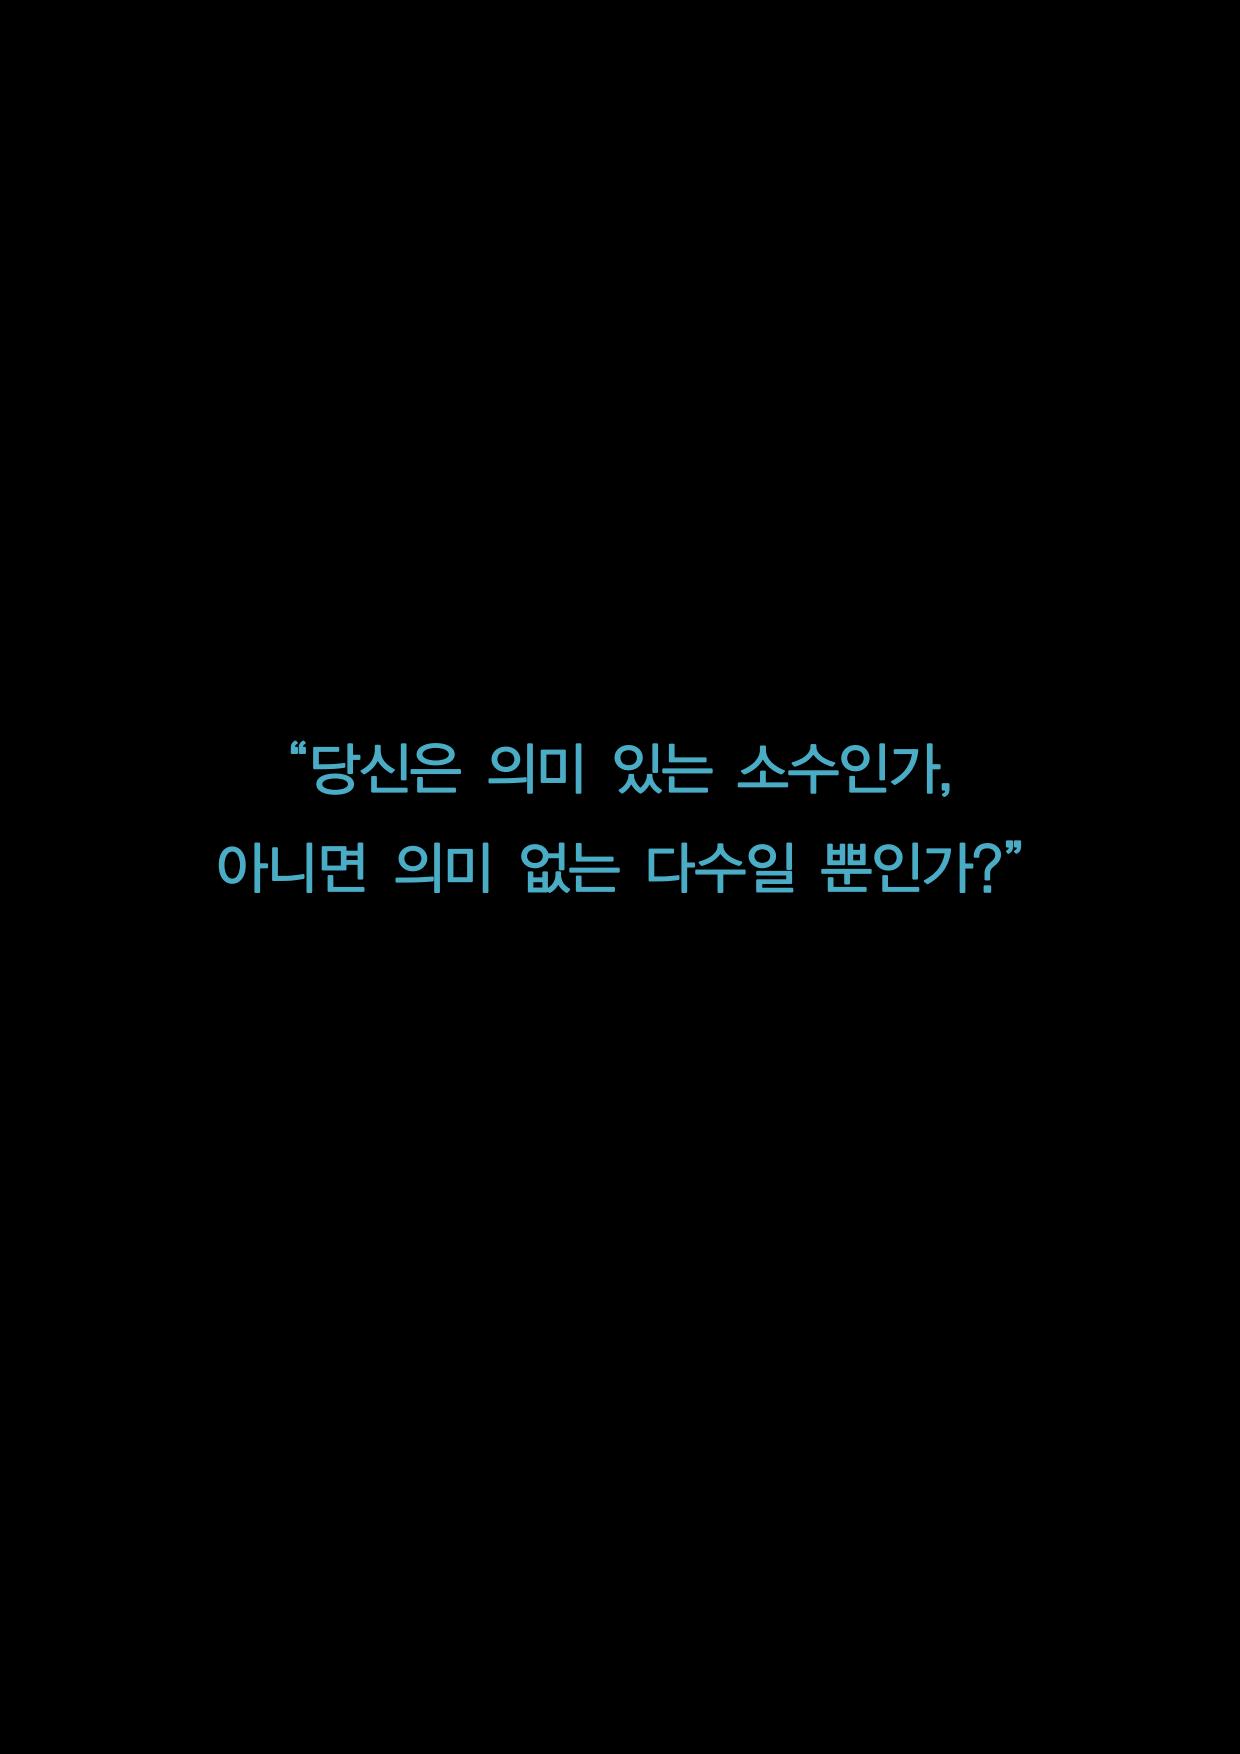 본 머티리어 1회차 홍보글 v3(수강후기 따로 편집요함)_11.png